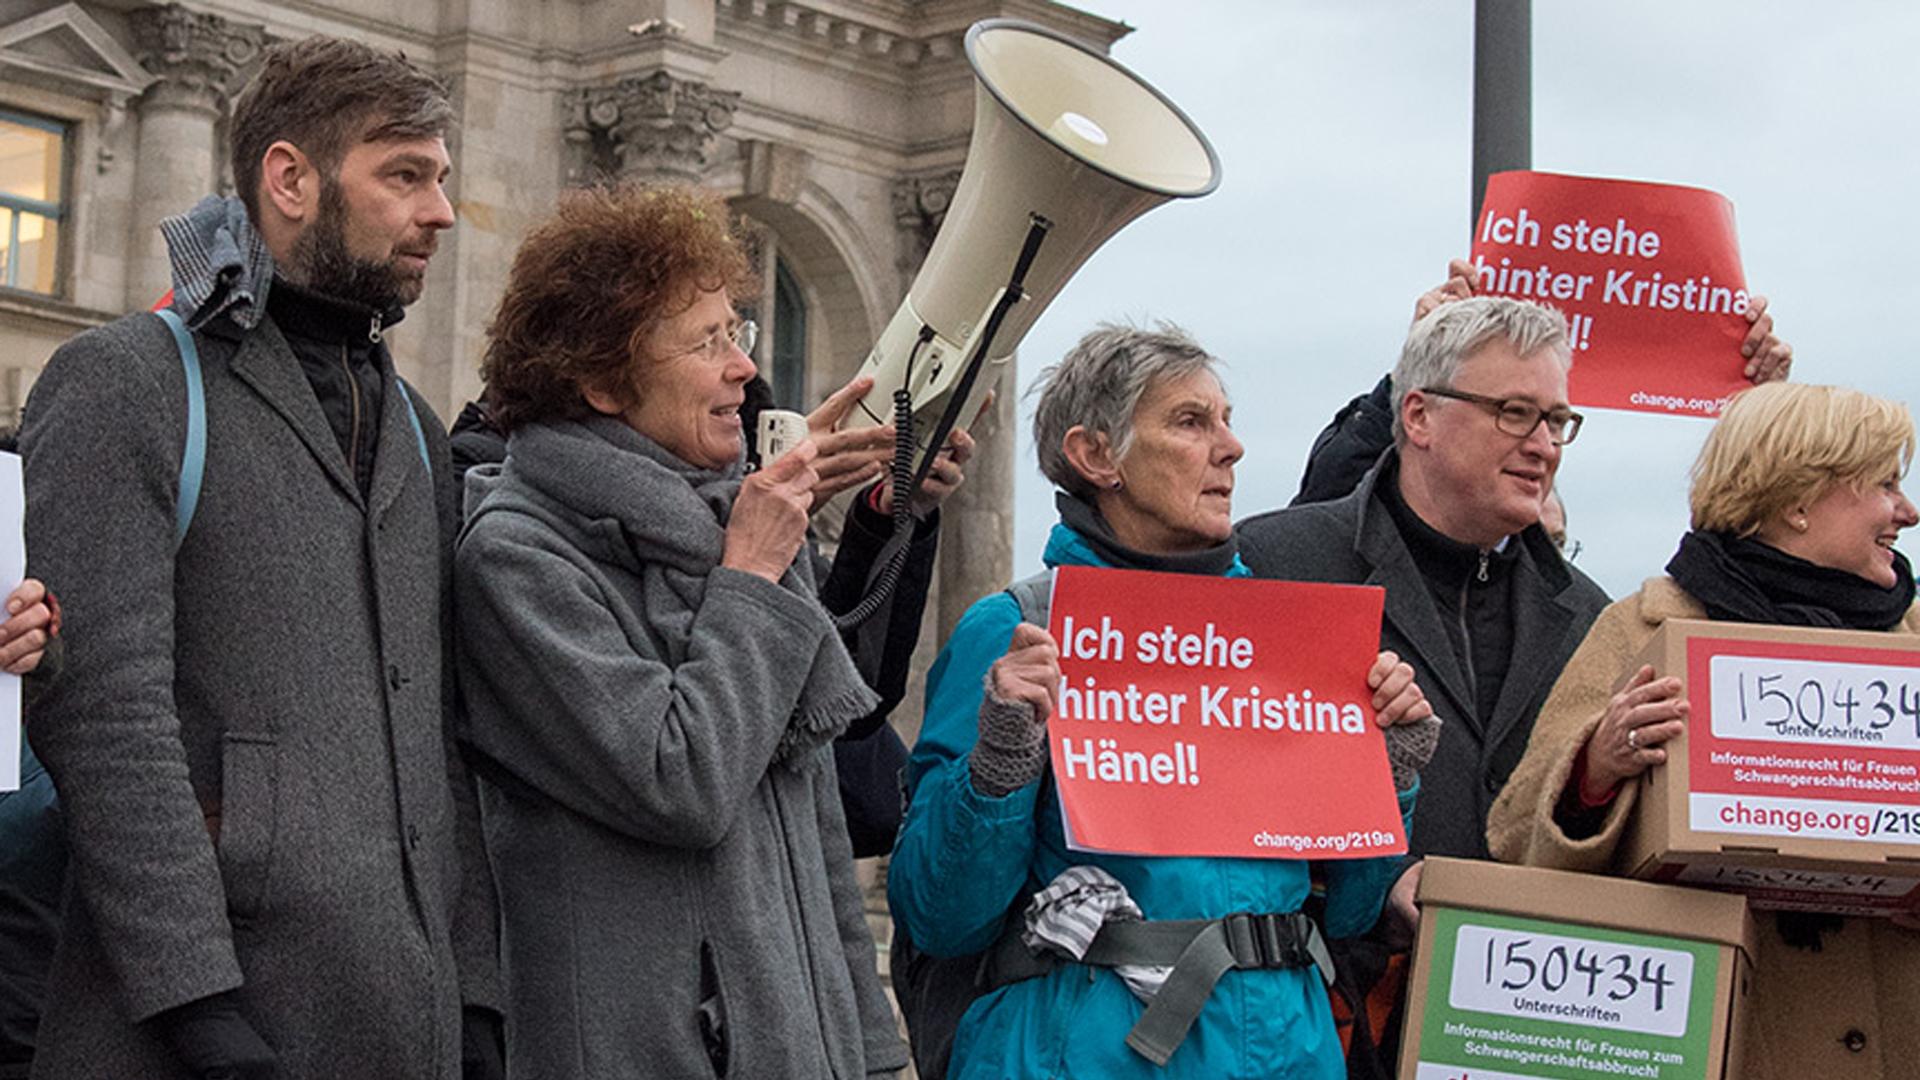 In den vergangenen Wochen demonstrierten in Berlin immer wieder Gruppen für und gegen das Werbeverbot bei Schwangerschaftsabbrüchen. Nun hat sich auch der Deutsche Bundestag des Themas angenommen.